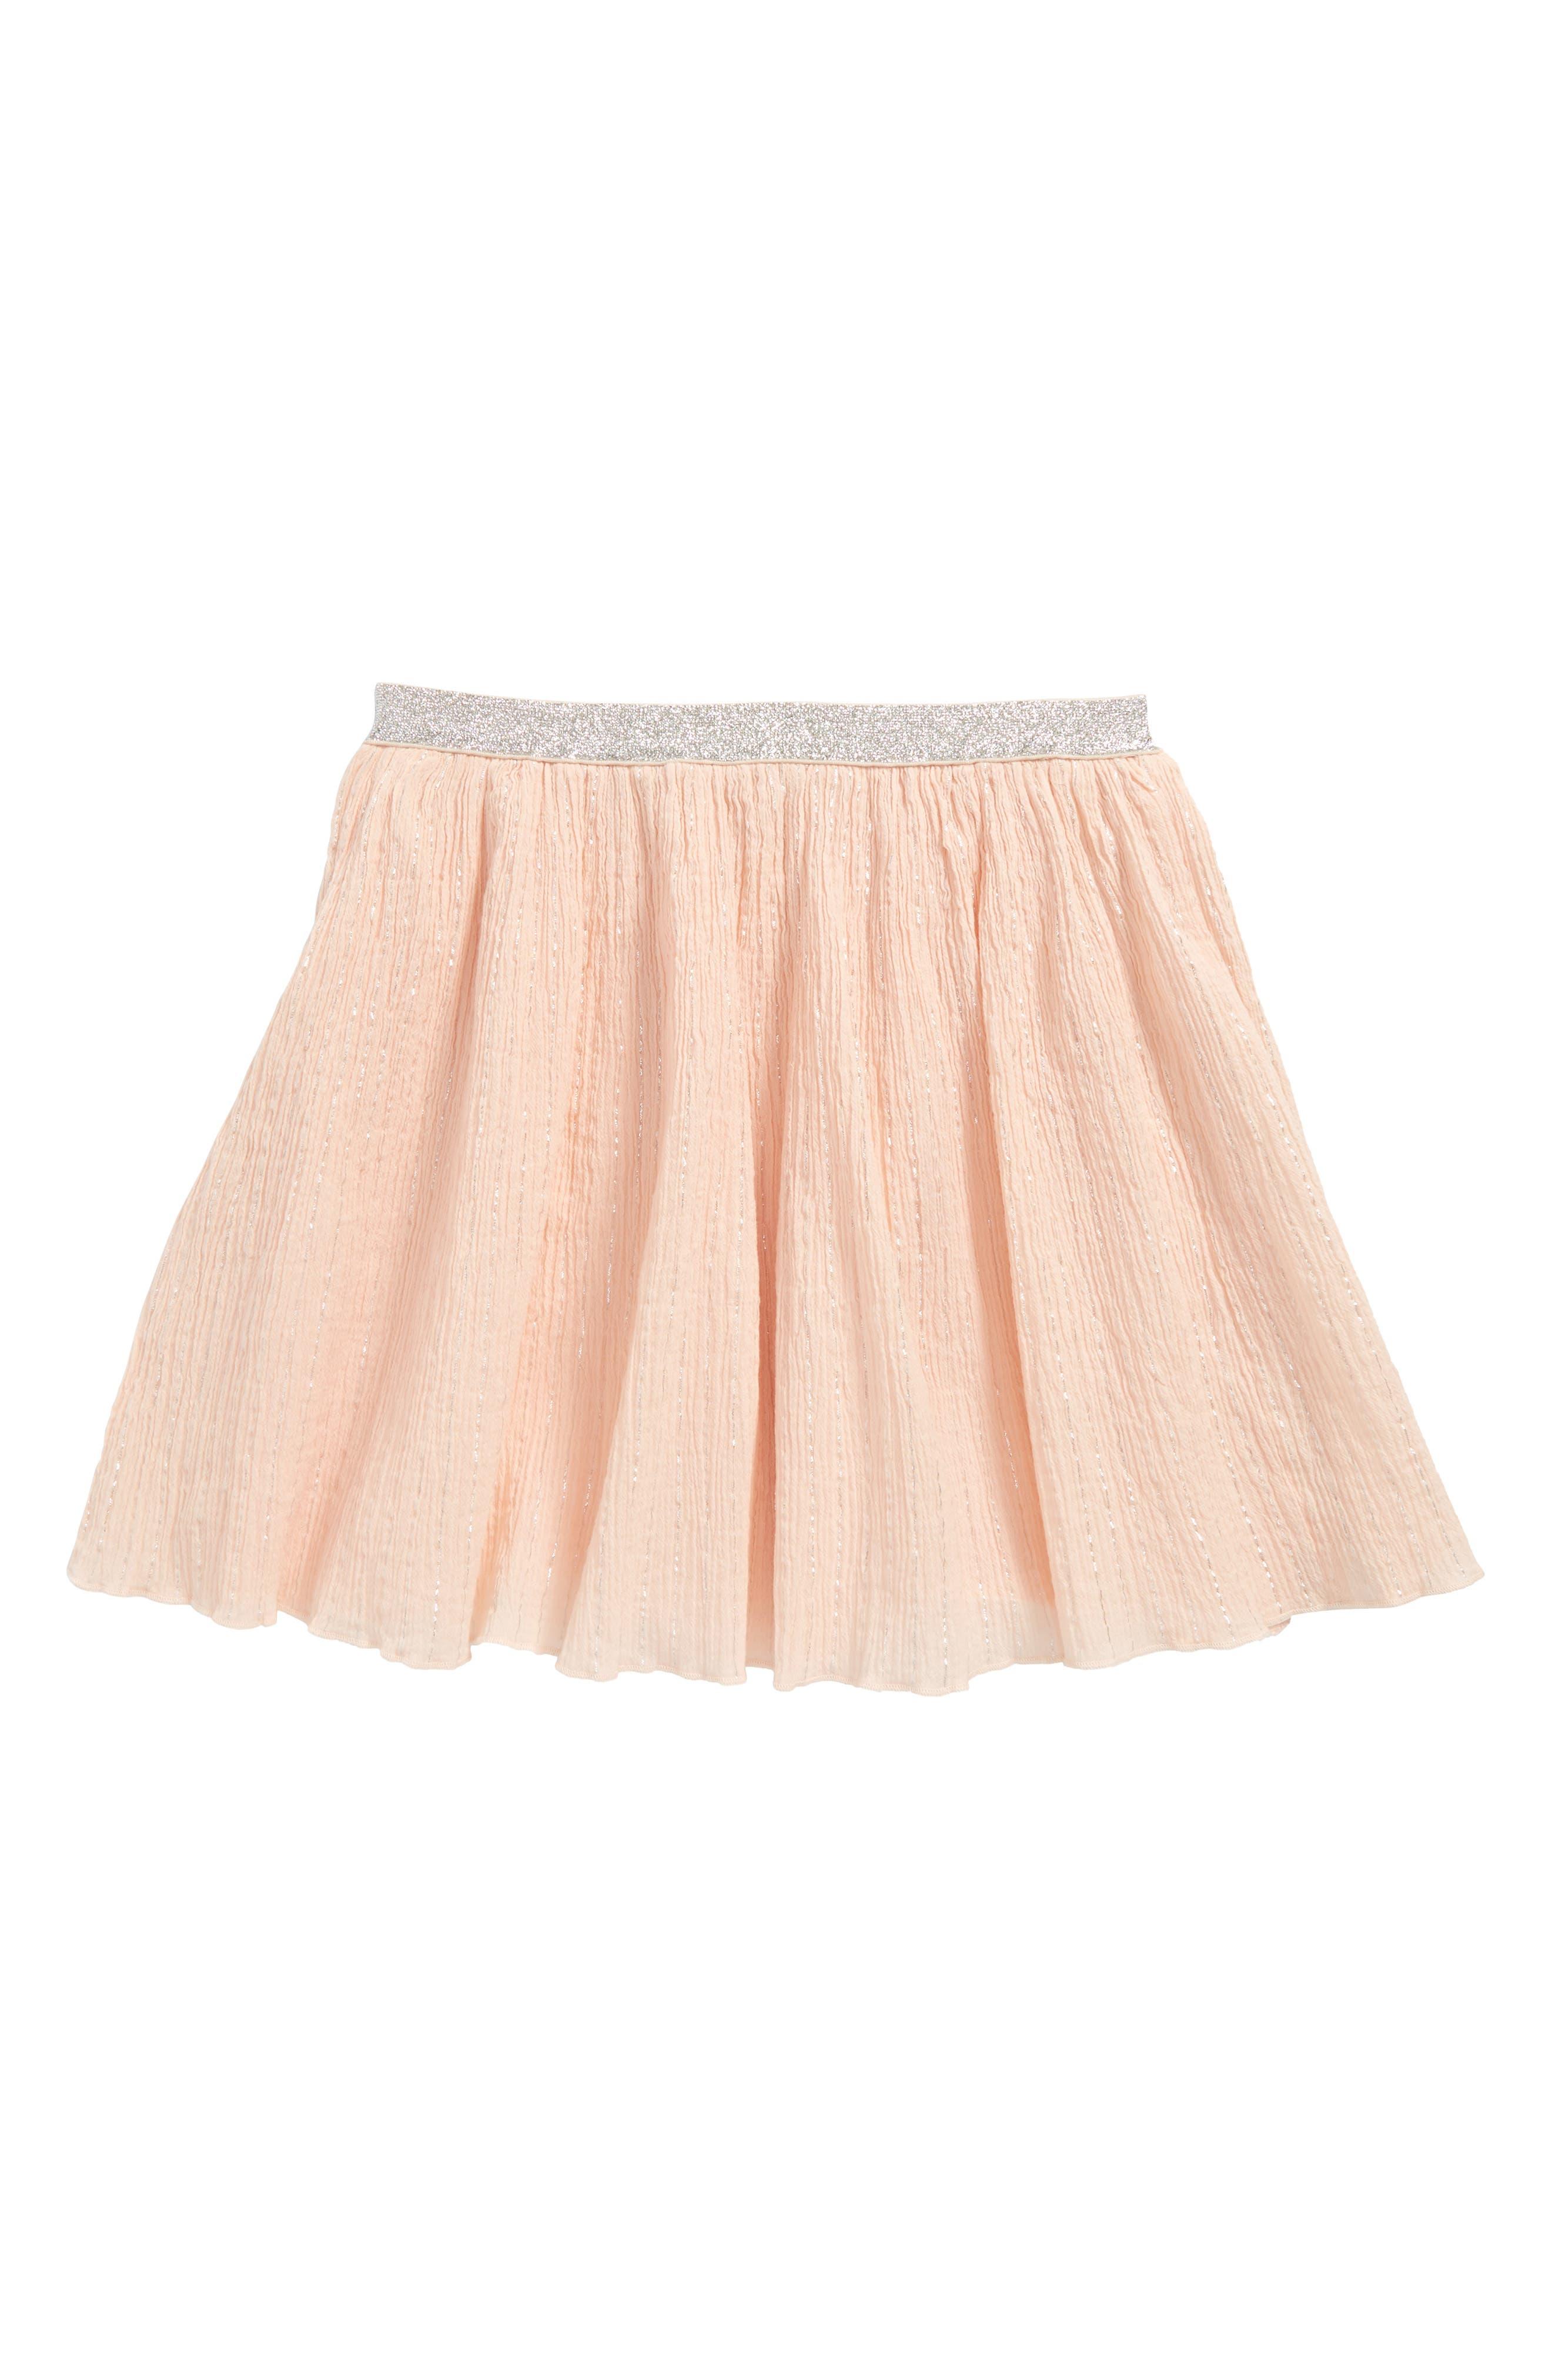 Hailey Skirt,                             Main thumbnail 1, color,                             Peach